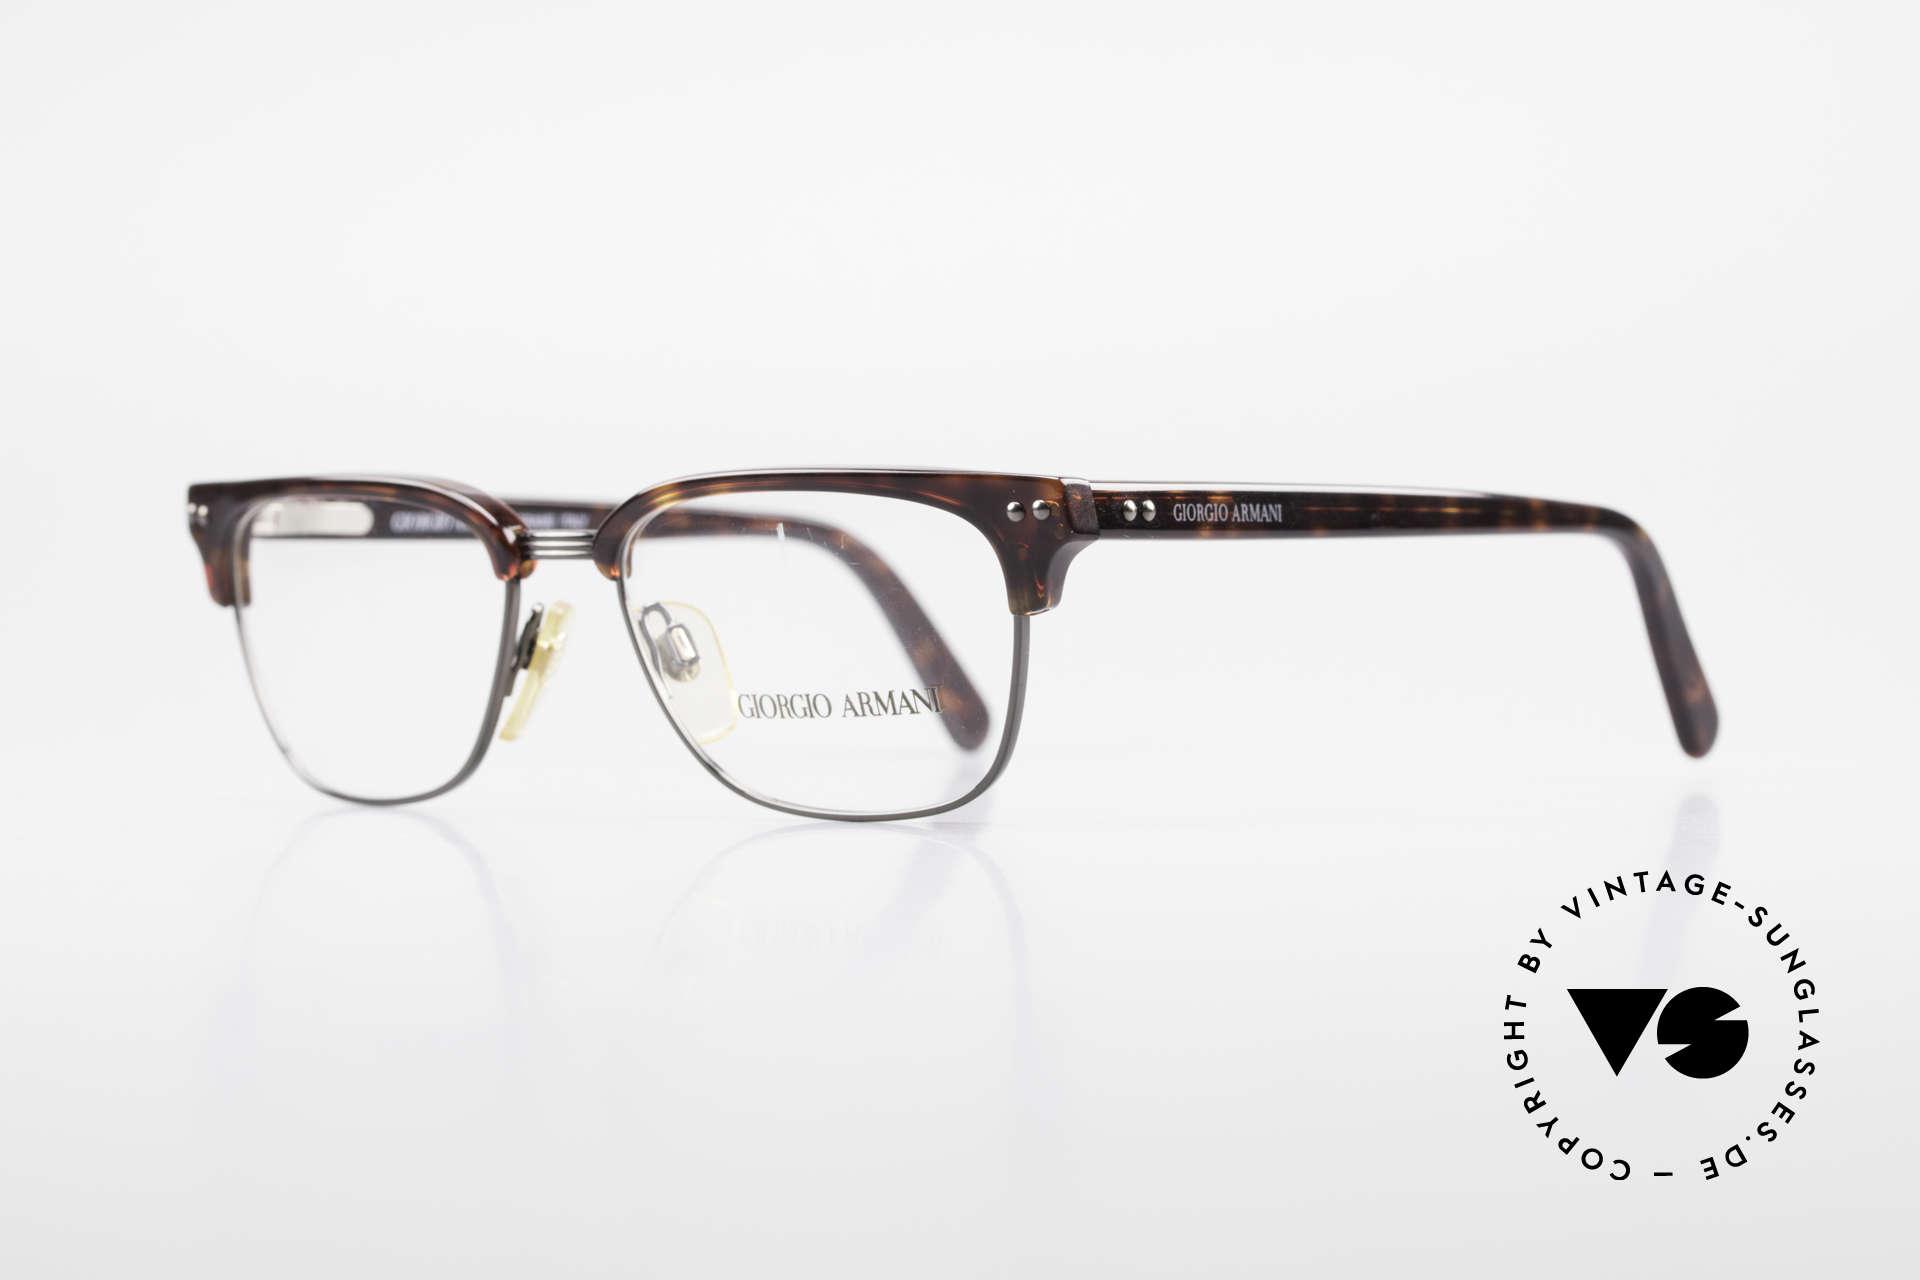 Giorgio Armani 381 Vintage Brille Clubmaster Stil, wahre 'Gentlemen-Brille' mit flexiblen Scharnieren, Passend für Herren